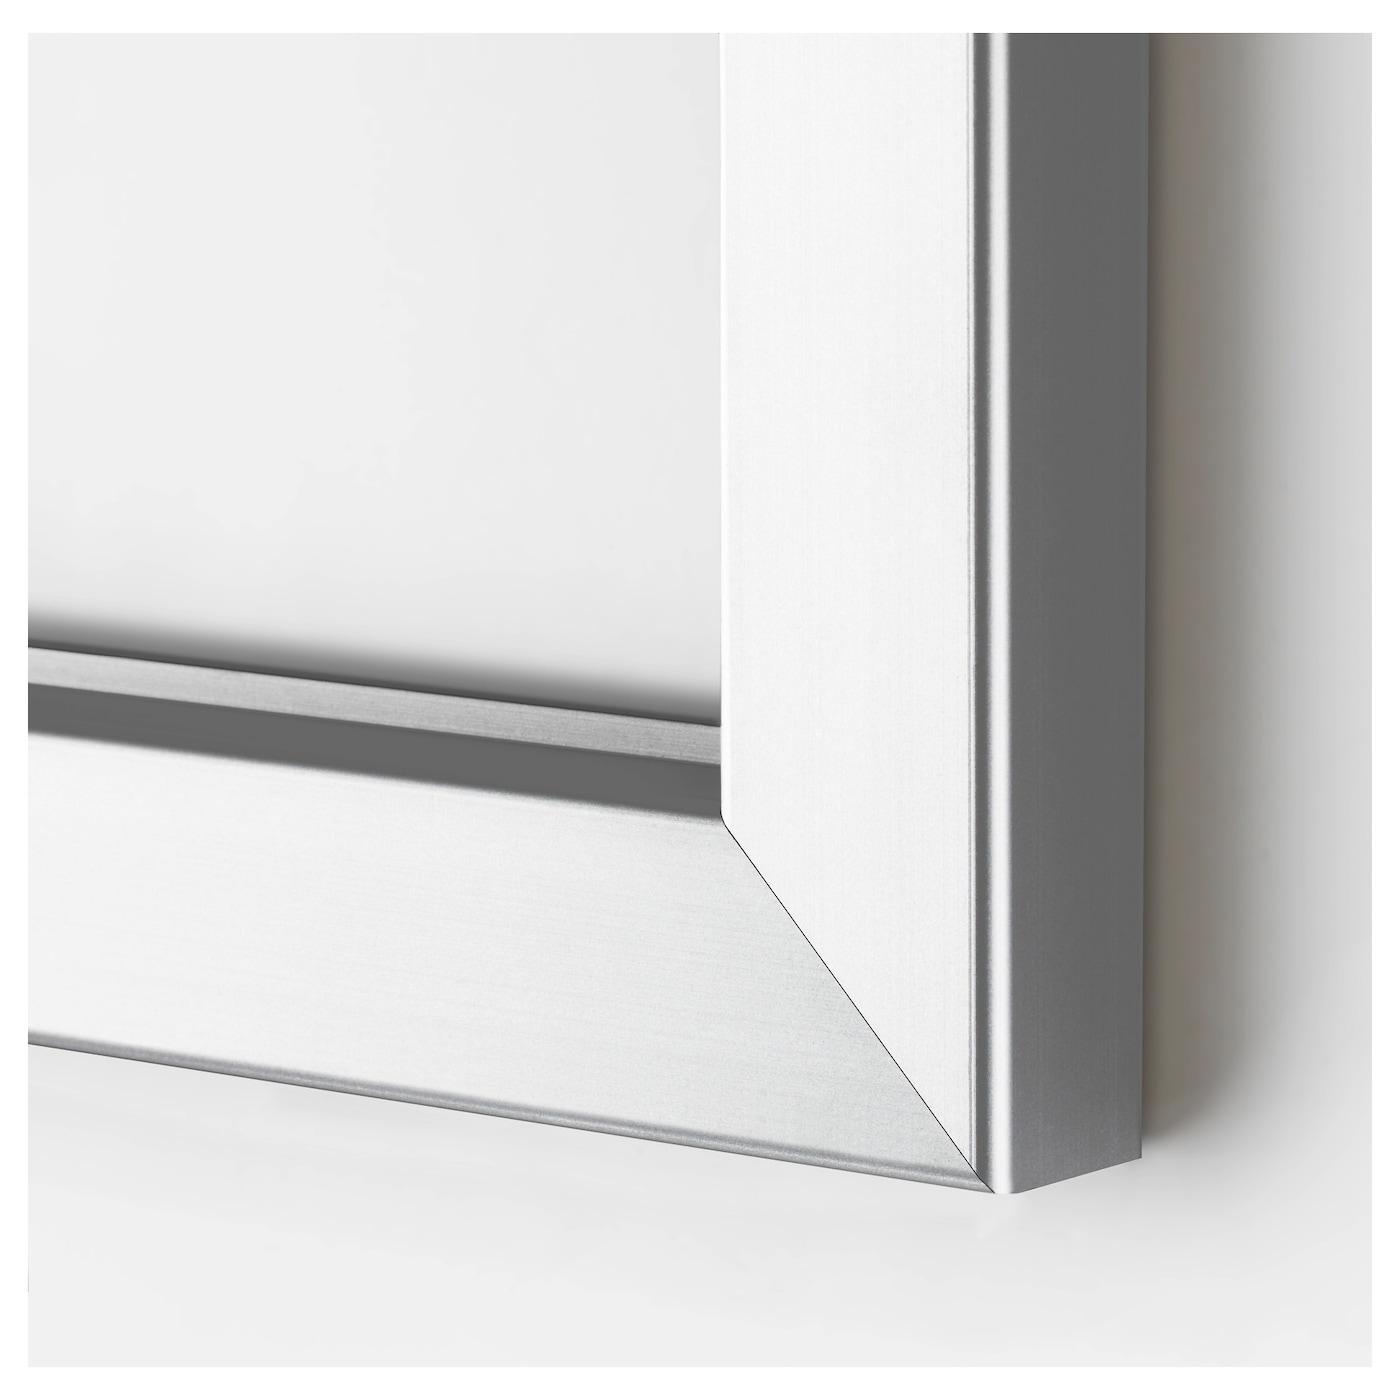 BJÖRKSTA Frame, aluminium-colour, 78x118 cm